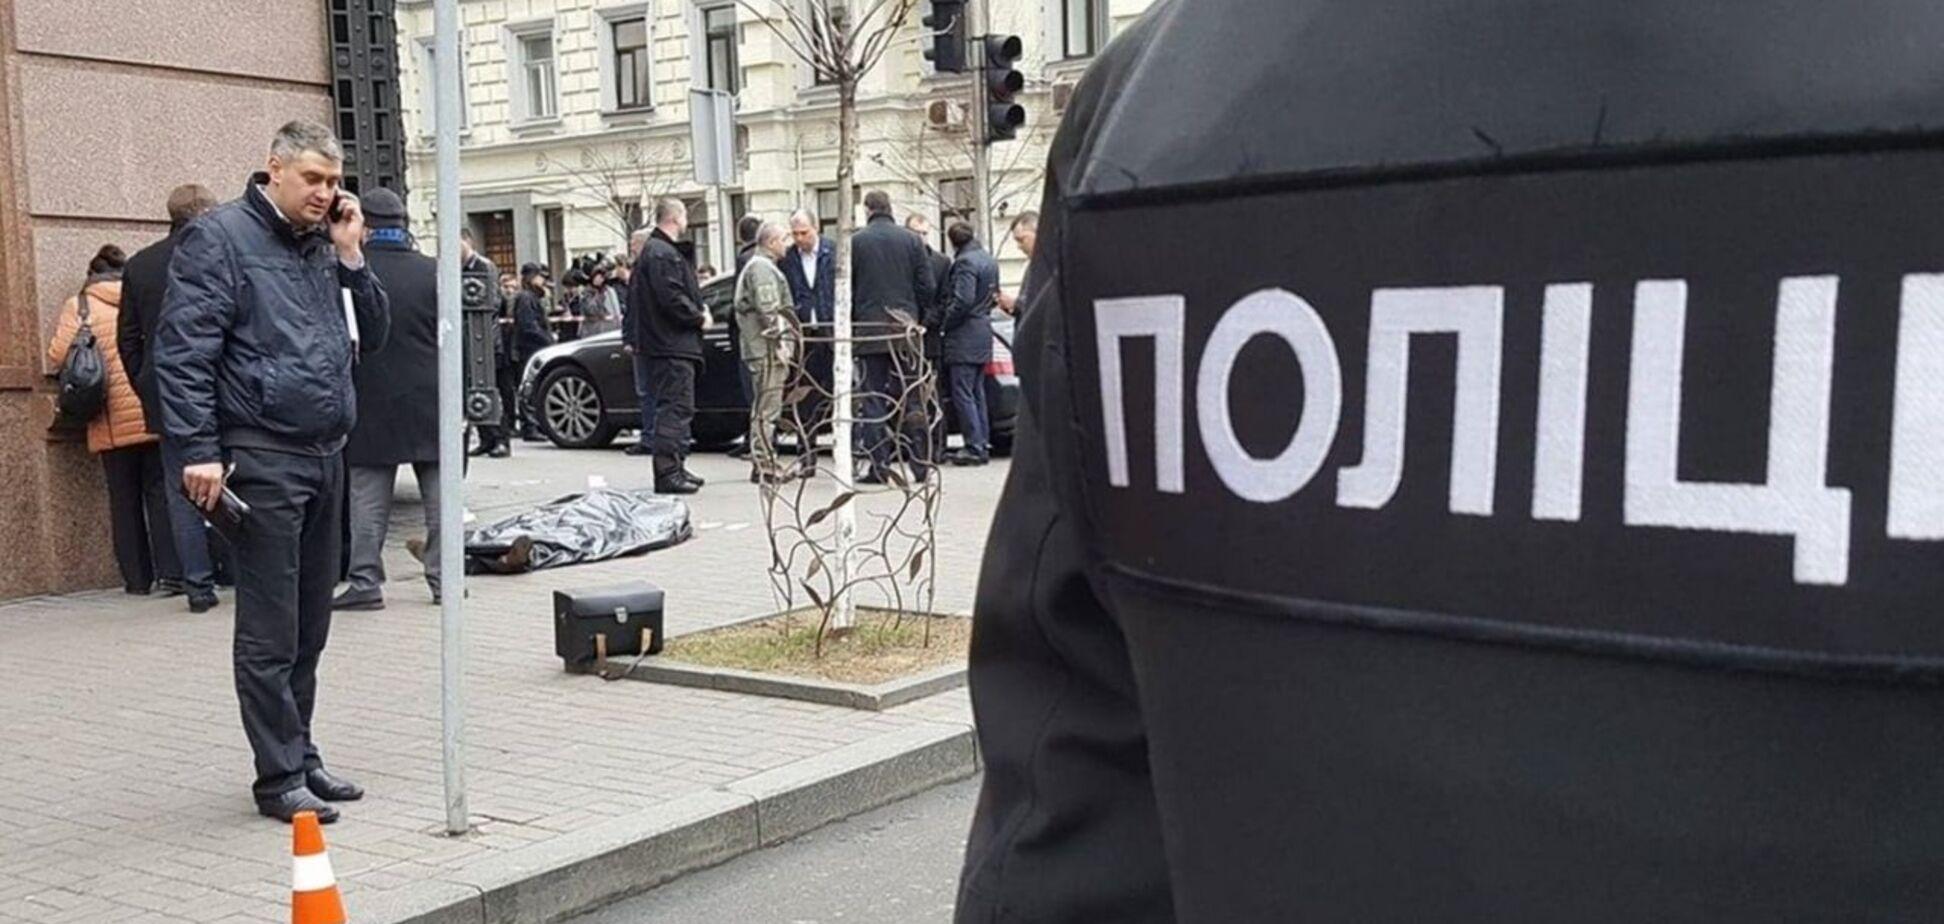 'Ознаки терактів': гучним вбивствам в Україні знайшли небезпечне пояснення